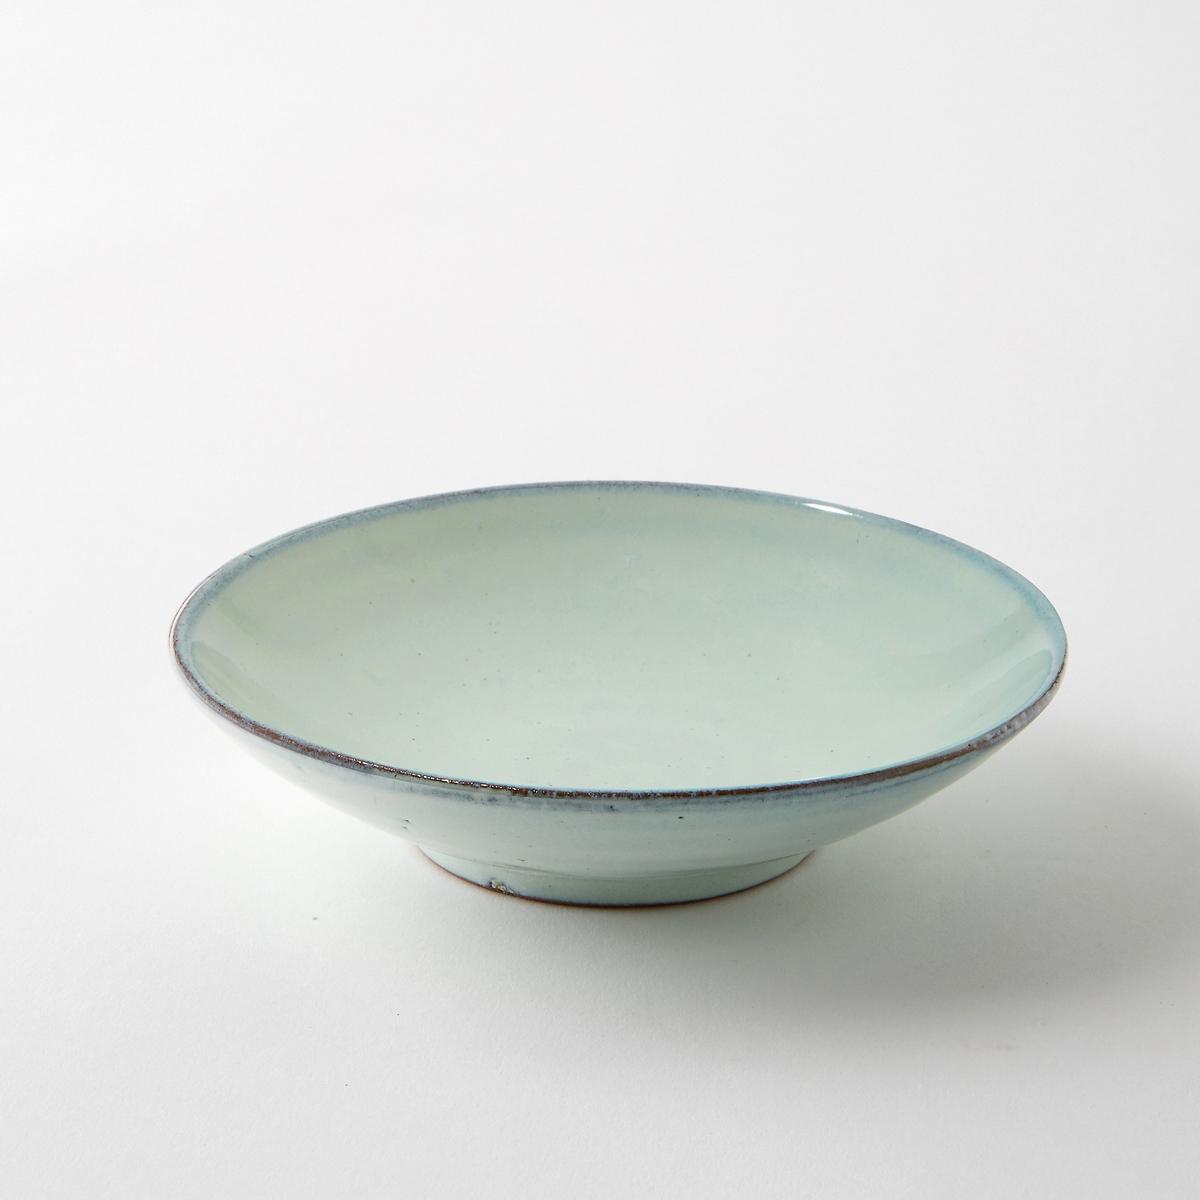 Чаша из керамики, диаметр 15 см, Aqua от SeraxЧаша Aqua от Serax. Новый керамический сервиз Aqua ручной работы преобразит Ваш праздничный стол. Эта посуда в голубых тонах подарит Вам свежесть в летние дни. Характеристики : - Из керамики, покрытой глазурью. - Можно использовать в посудомоечных машинах и микроволновых печах. - Вся коллекция Aqua на сайте ampm.ruРазмеры  : - диаметр 15 x высота 3,5 см.<br><br>Цвет: бирюзовый